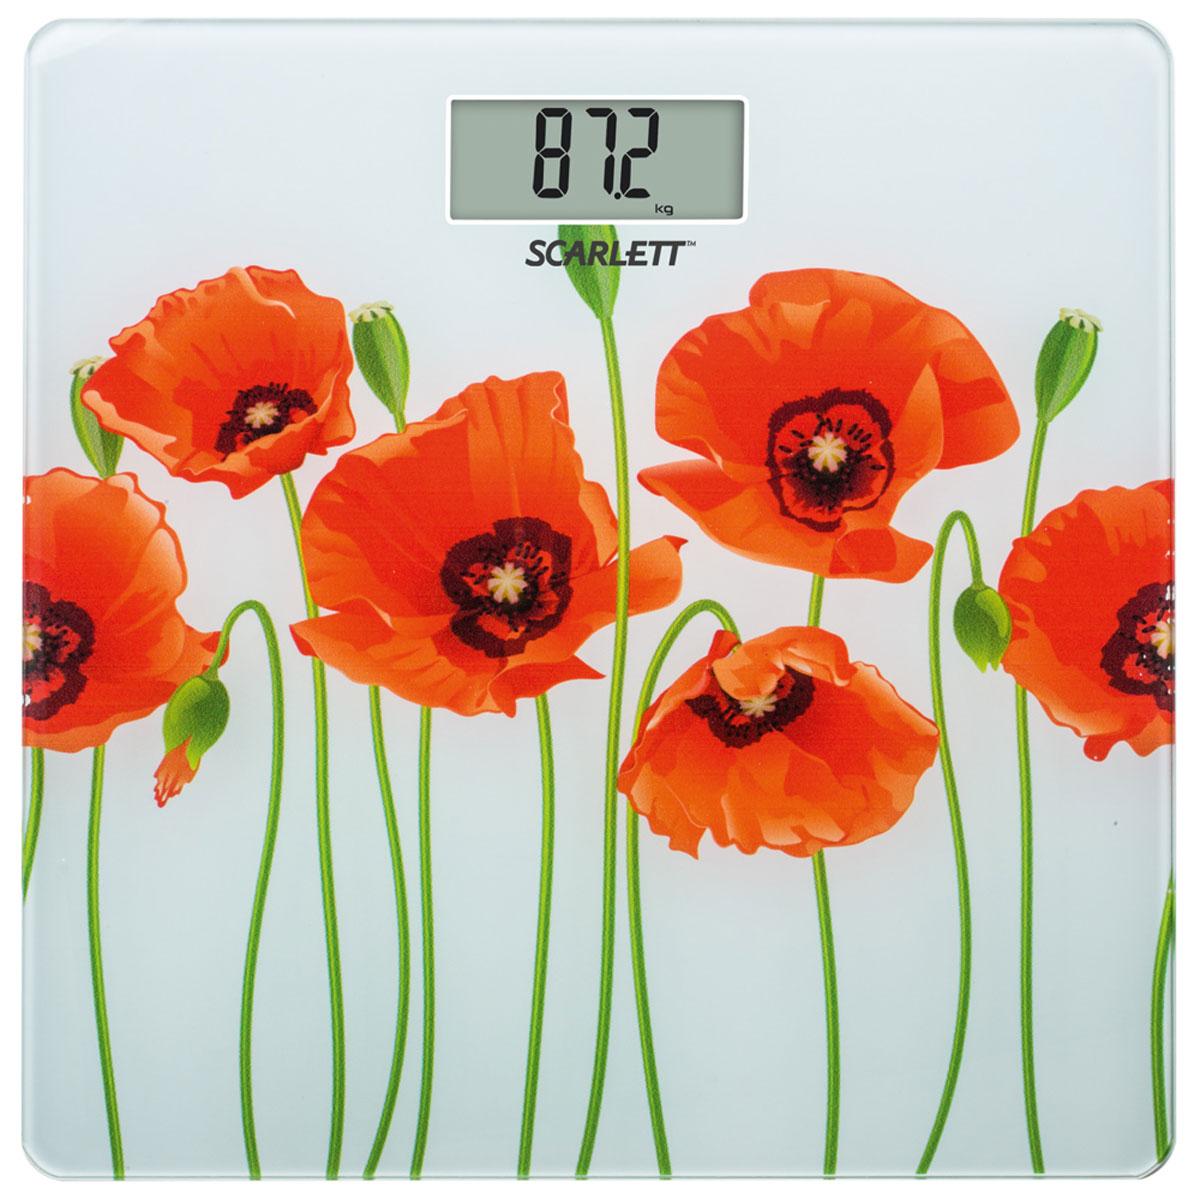 Scarlett SC-BS33E074, Poppies напольные весыSC-BS33E074Напольные весы Scarlett SC-BS33E074 в корпусе из закаленного стекла с цветочным рисунком позволят ежедневно контролировать вес человеку, заботящемуся о здоровье и стройной фигуре. Модель выдерживает нагрузку до 180 кг и выводит на дисплей результаты в килограммах, стоунах или фунтах. Специальный индикатор уровня заряда и перегрузки подскажет, когда стоит заменить батарею или уменьшить нагрузку. Электронный дисплей оснащен хорошо видимыми символами, а прорезиненные ножки служат для предотвращения скольжения устройства по поверхности.